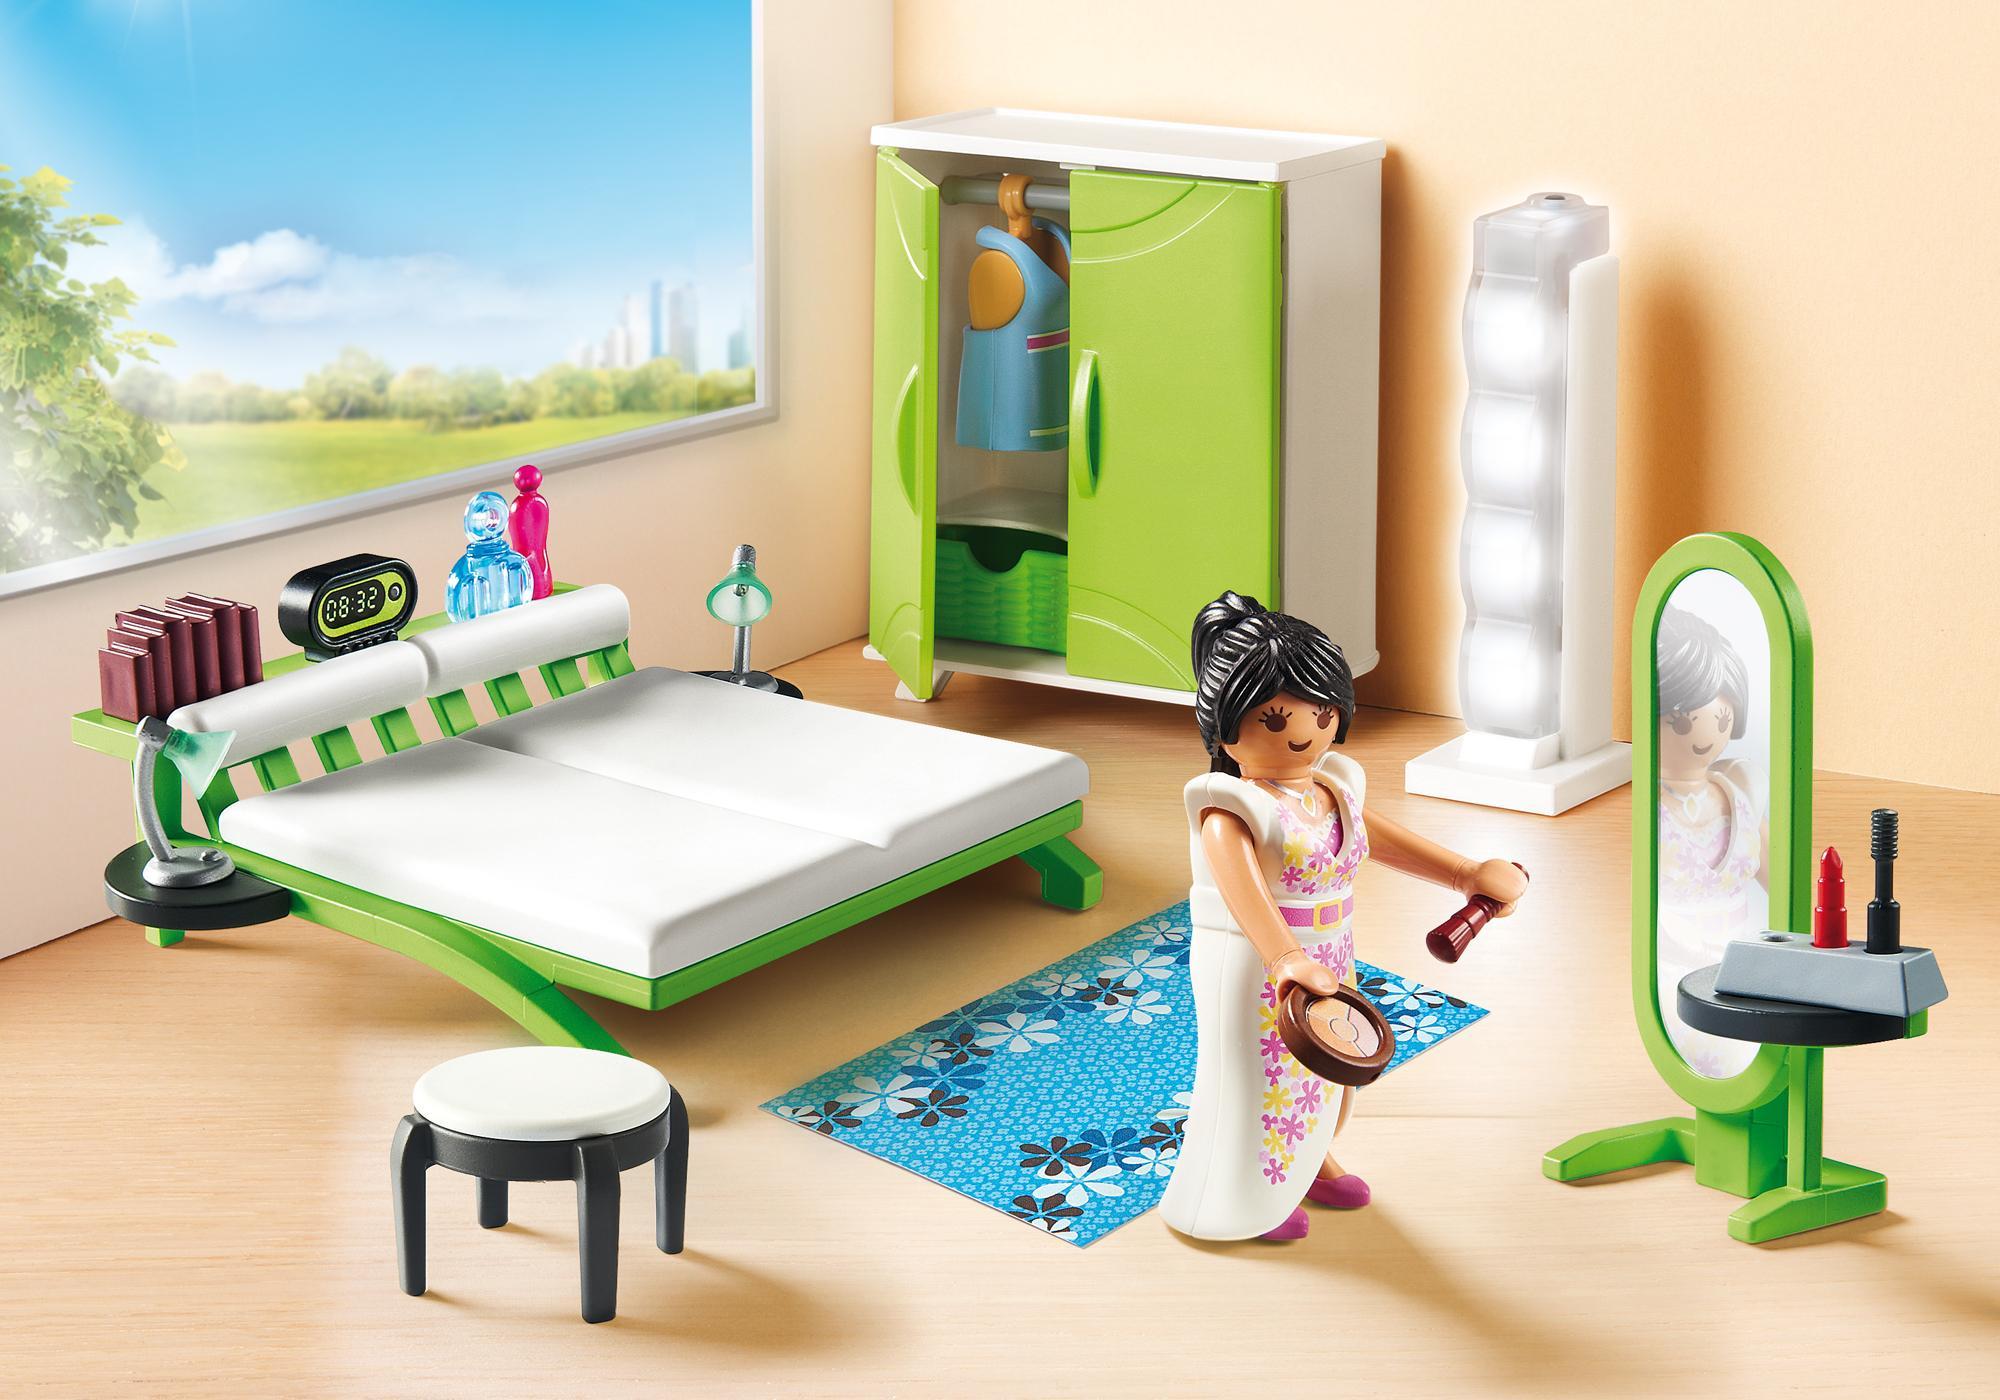 http://media.playmobil.com/i/playmobil/9271_product_detail/Dormitorio